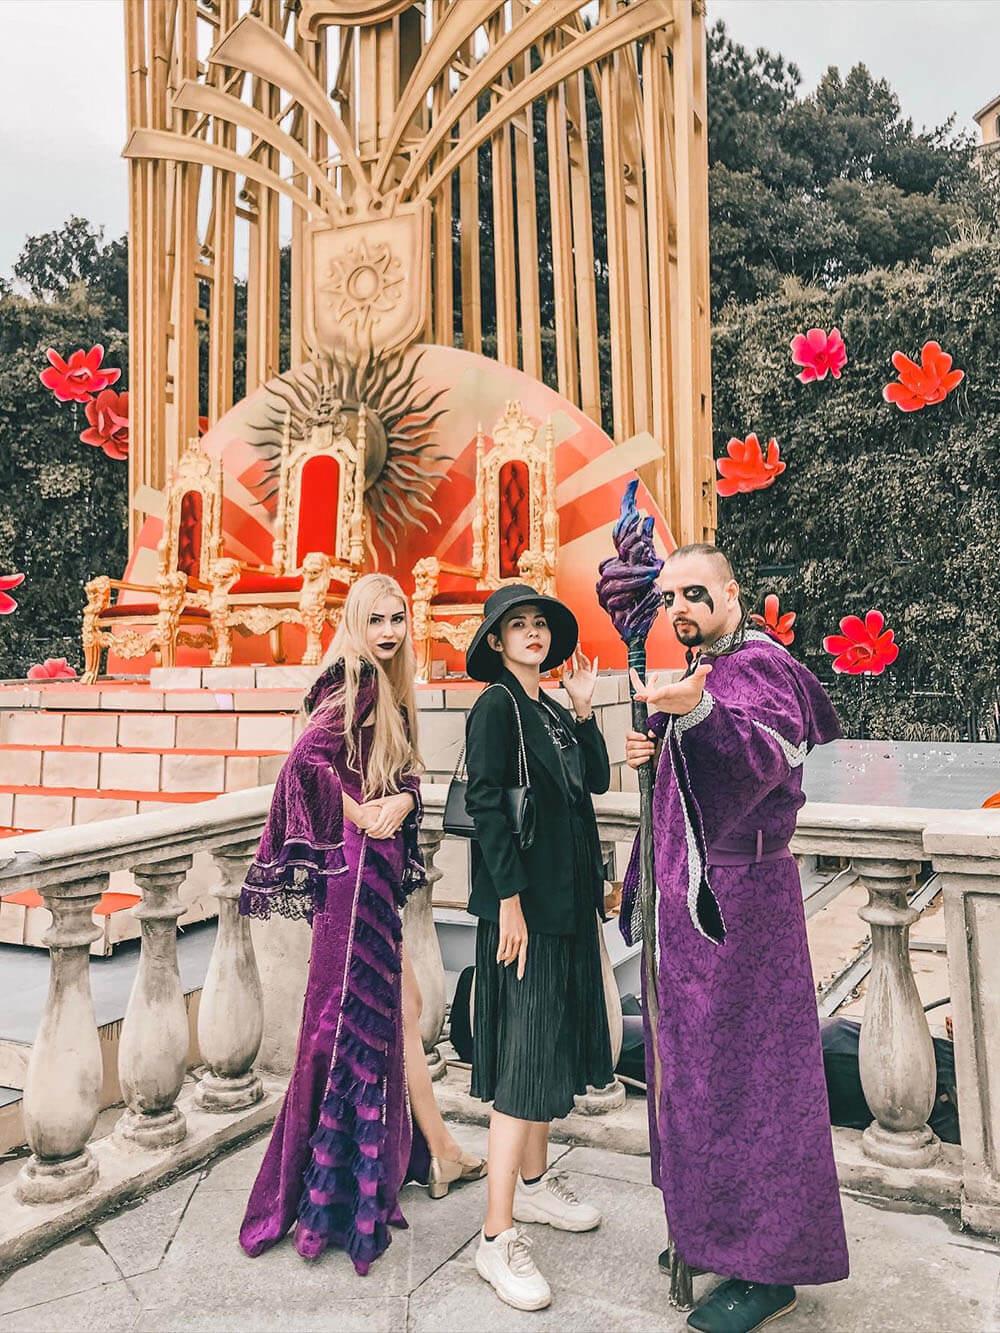 Vu Hoi Anh Duong Hue Da Nang Hoi An Ninh Binh 7n7d Chi Voi 8 Trieu Tin Duoc Khong